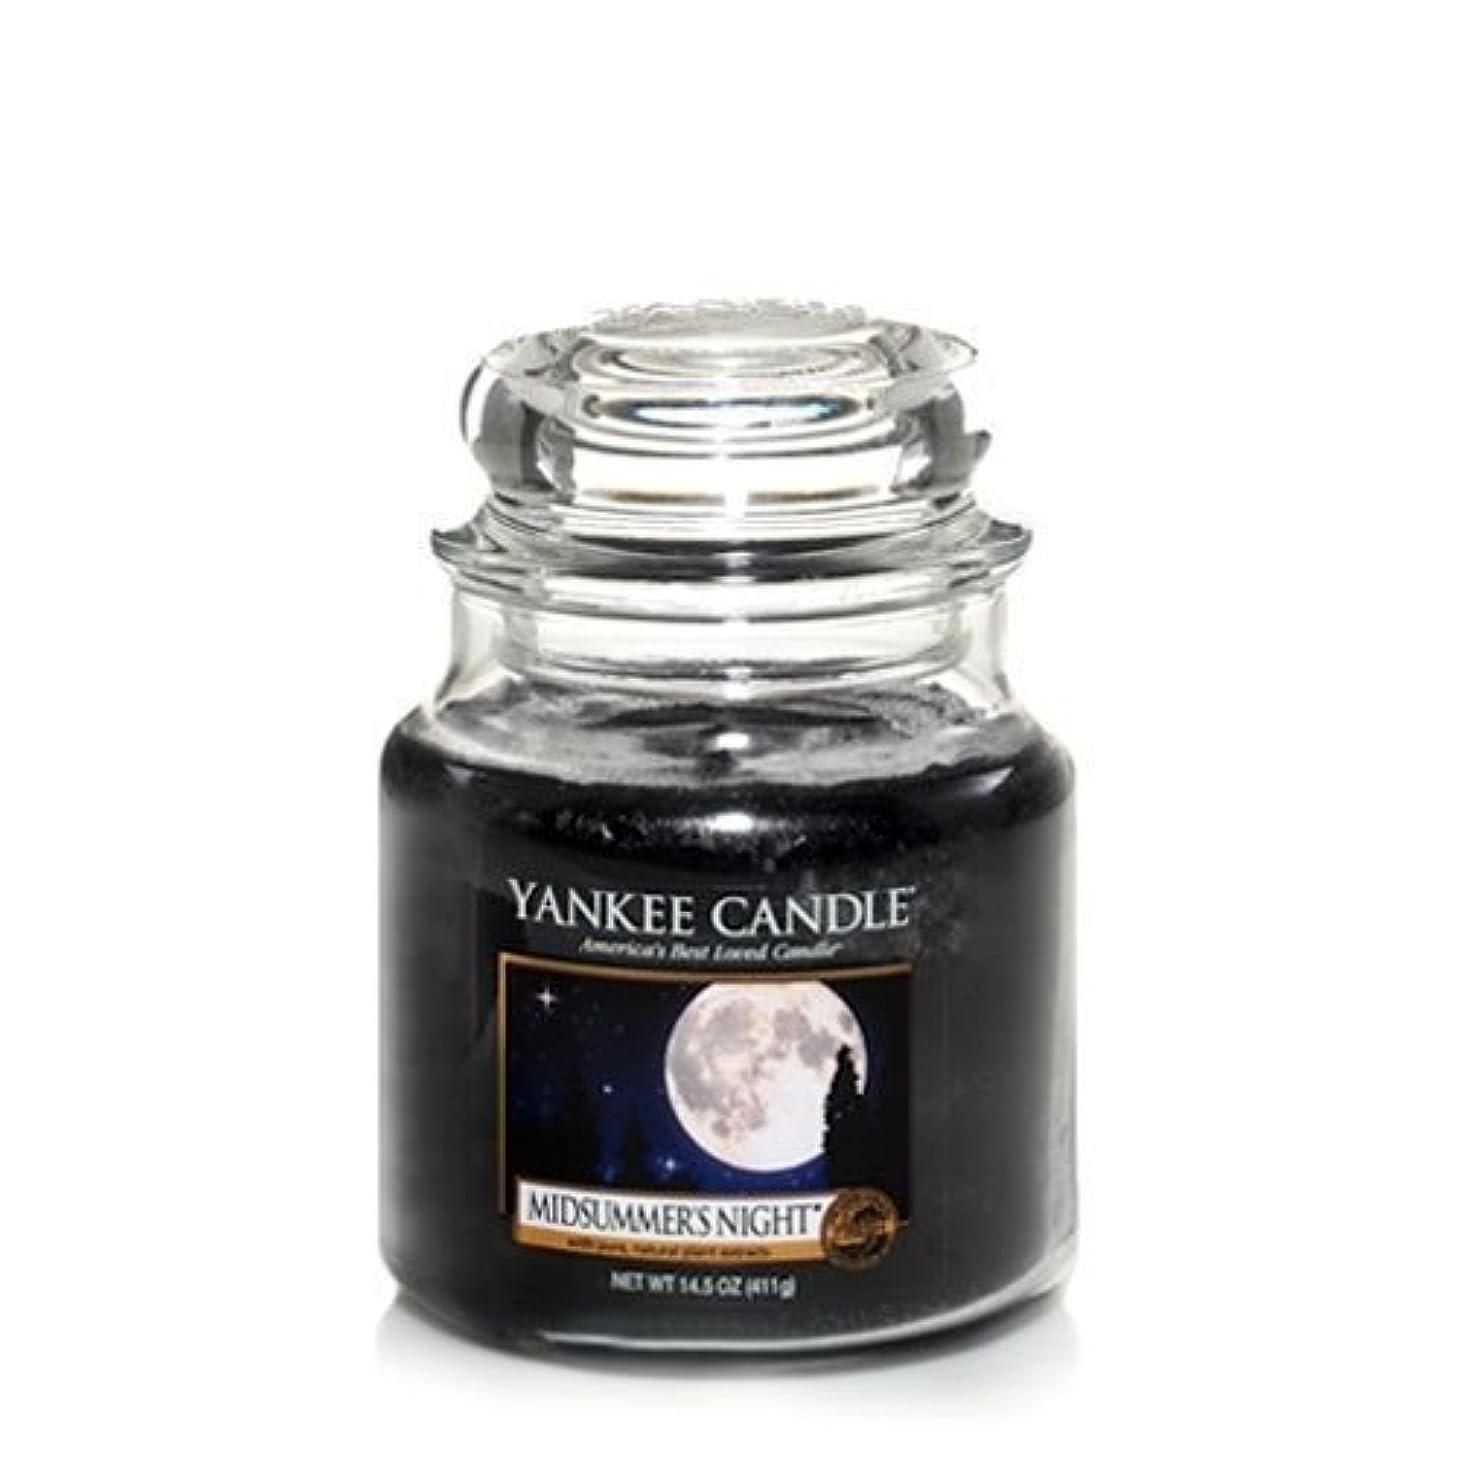 悲劇電池たくさんのYankee Candle Midsummer's Night Medium Jar Candle, Fresh Scent by Yankee Candle [並行輸入品]